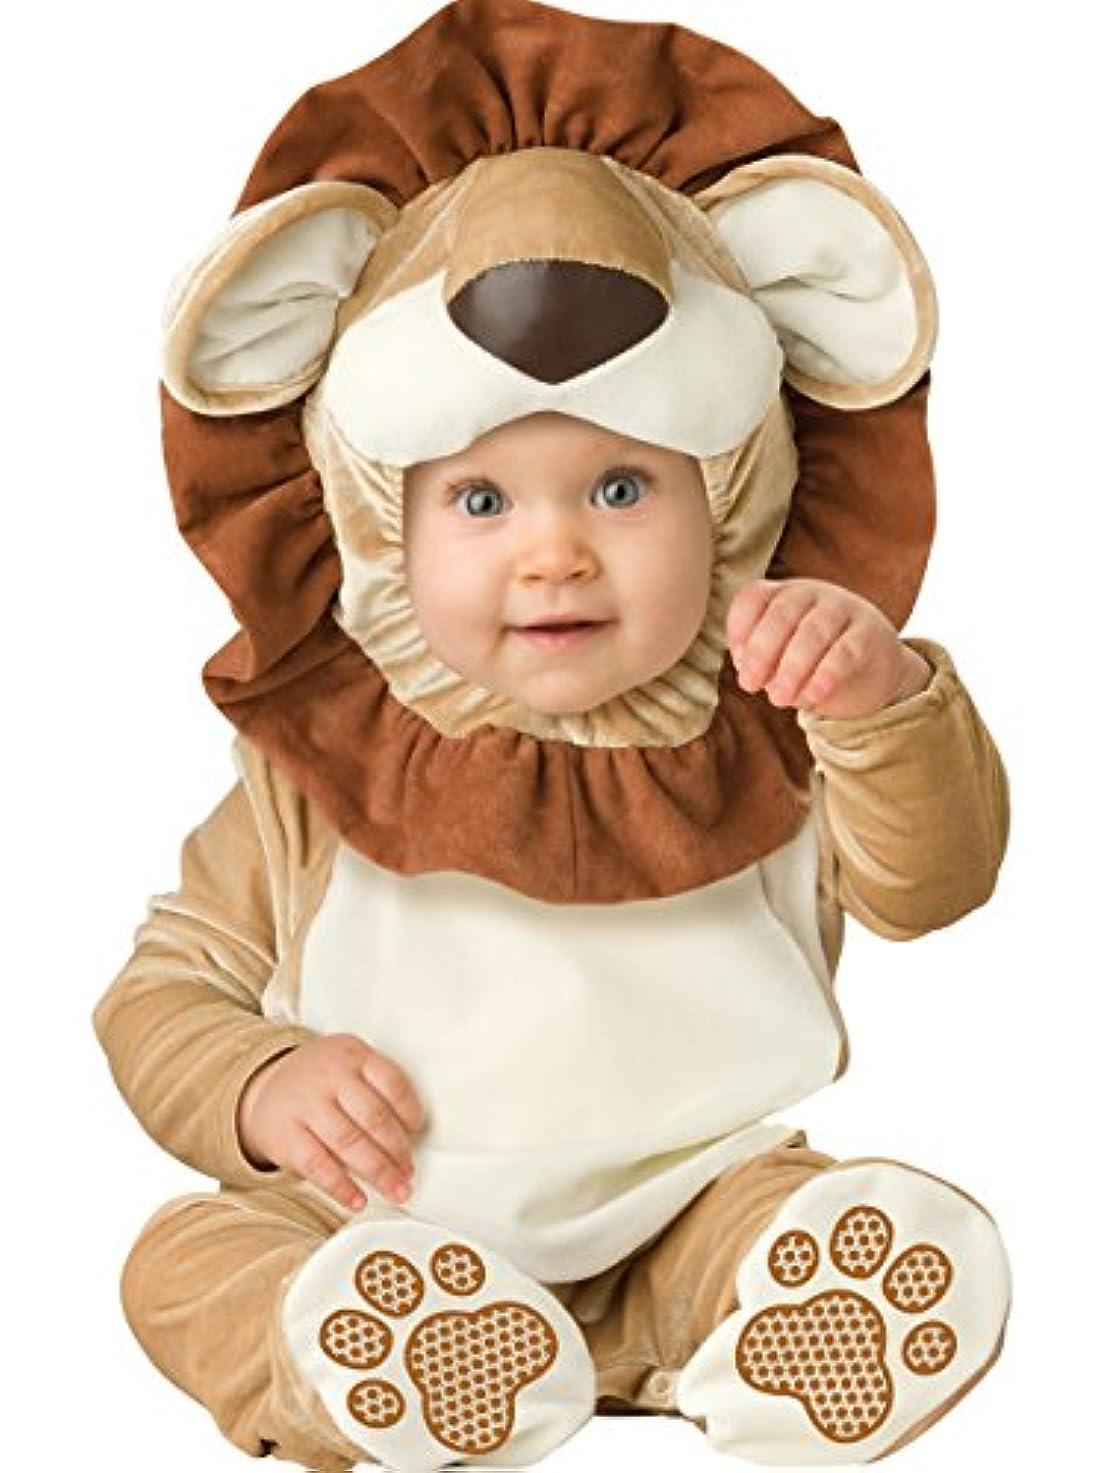 豊富にそっと完全にLovable Lion Infant/Toddler Costume かわいいライオンの赤ちゃん/幼児コスチューム サイズ:12/18 Months